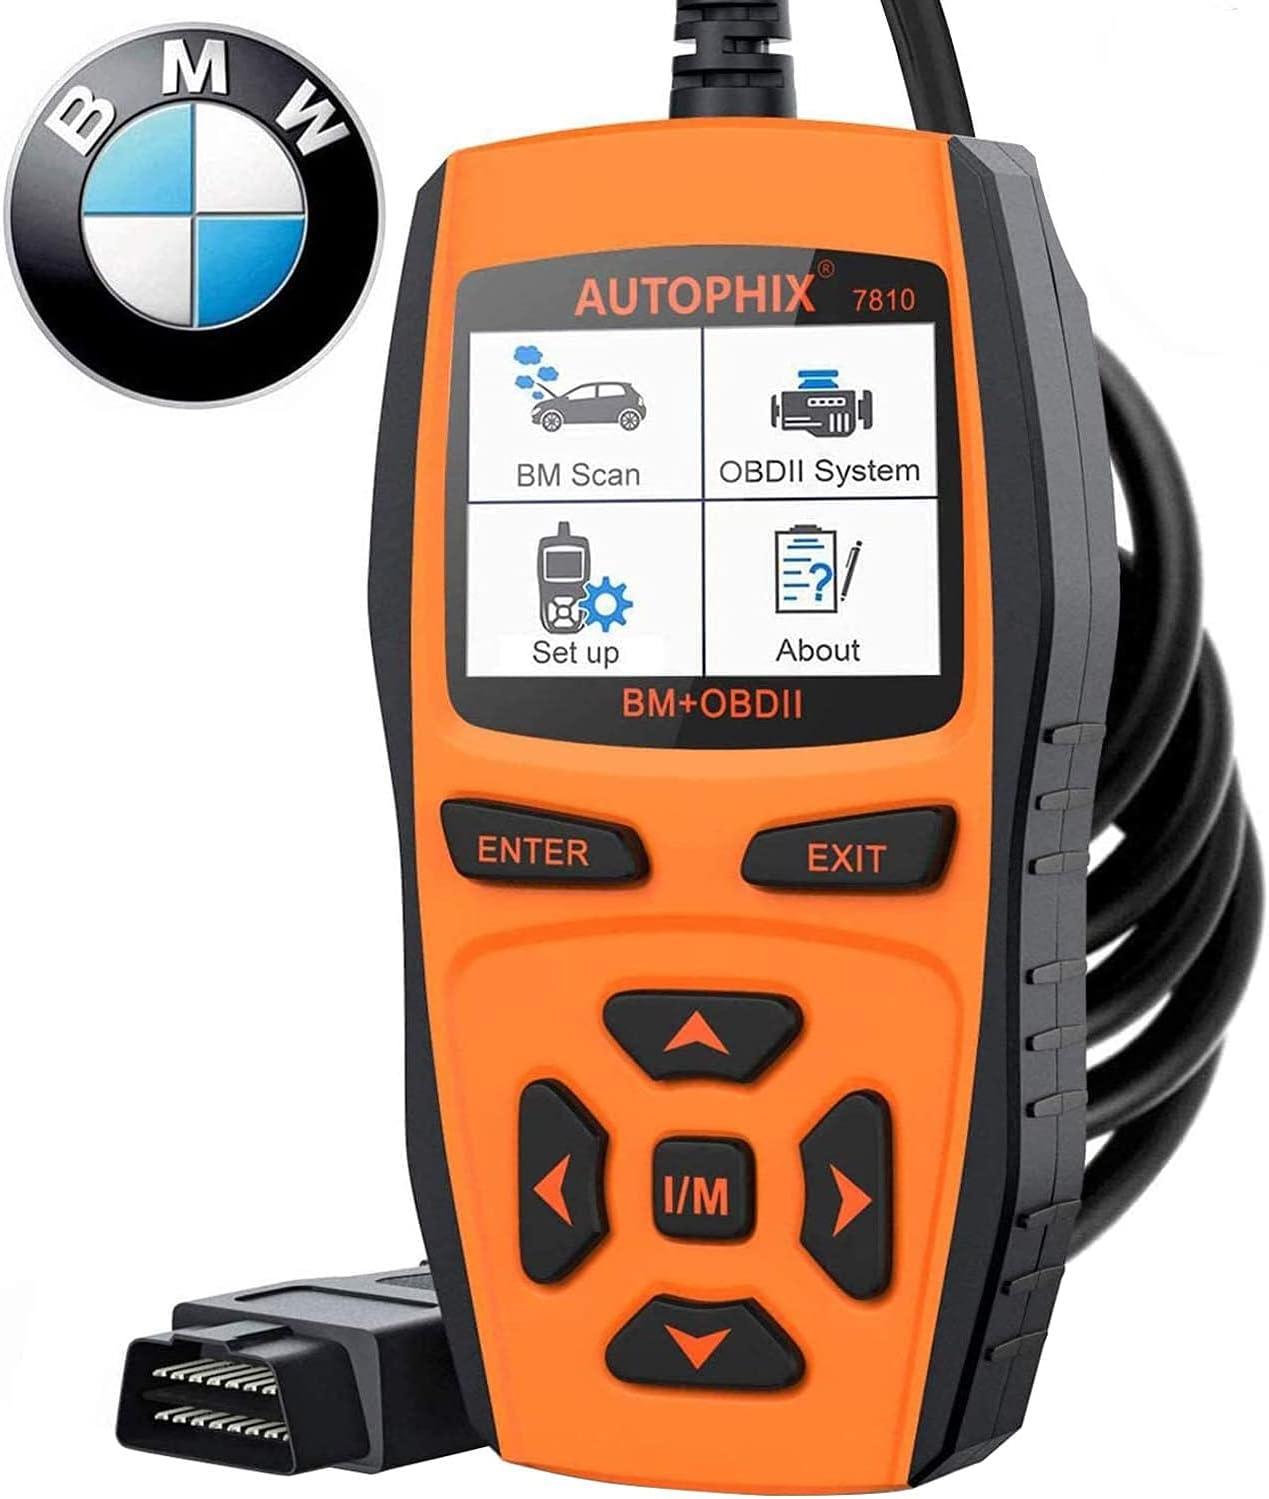 AUTOPHIX 7810 Obd2 Scanner For BMW